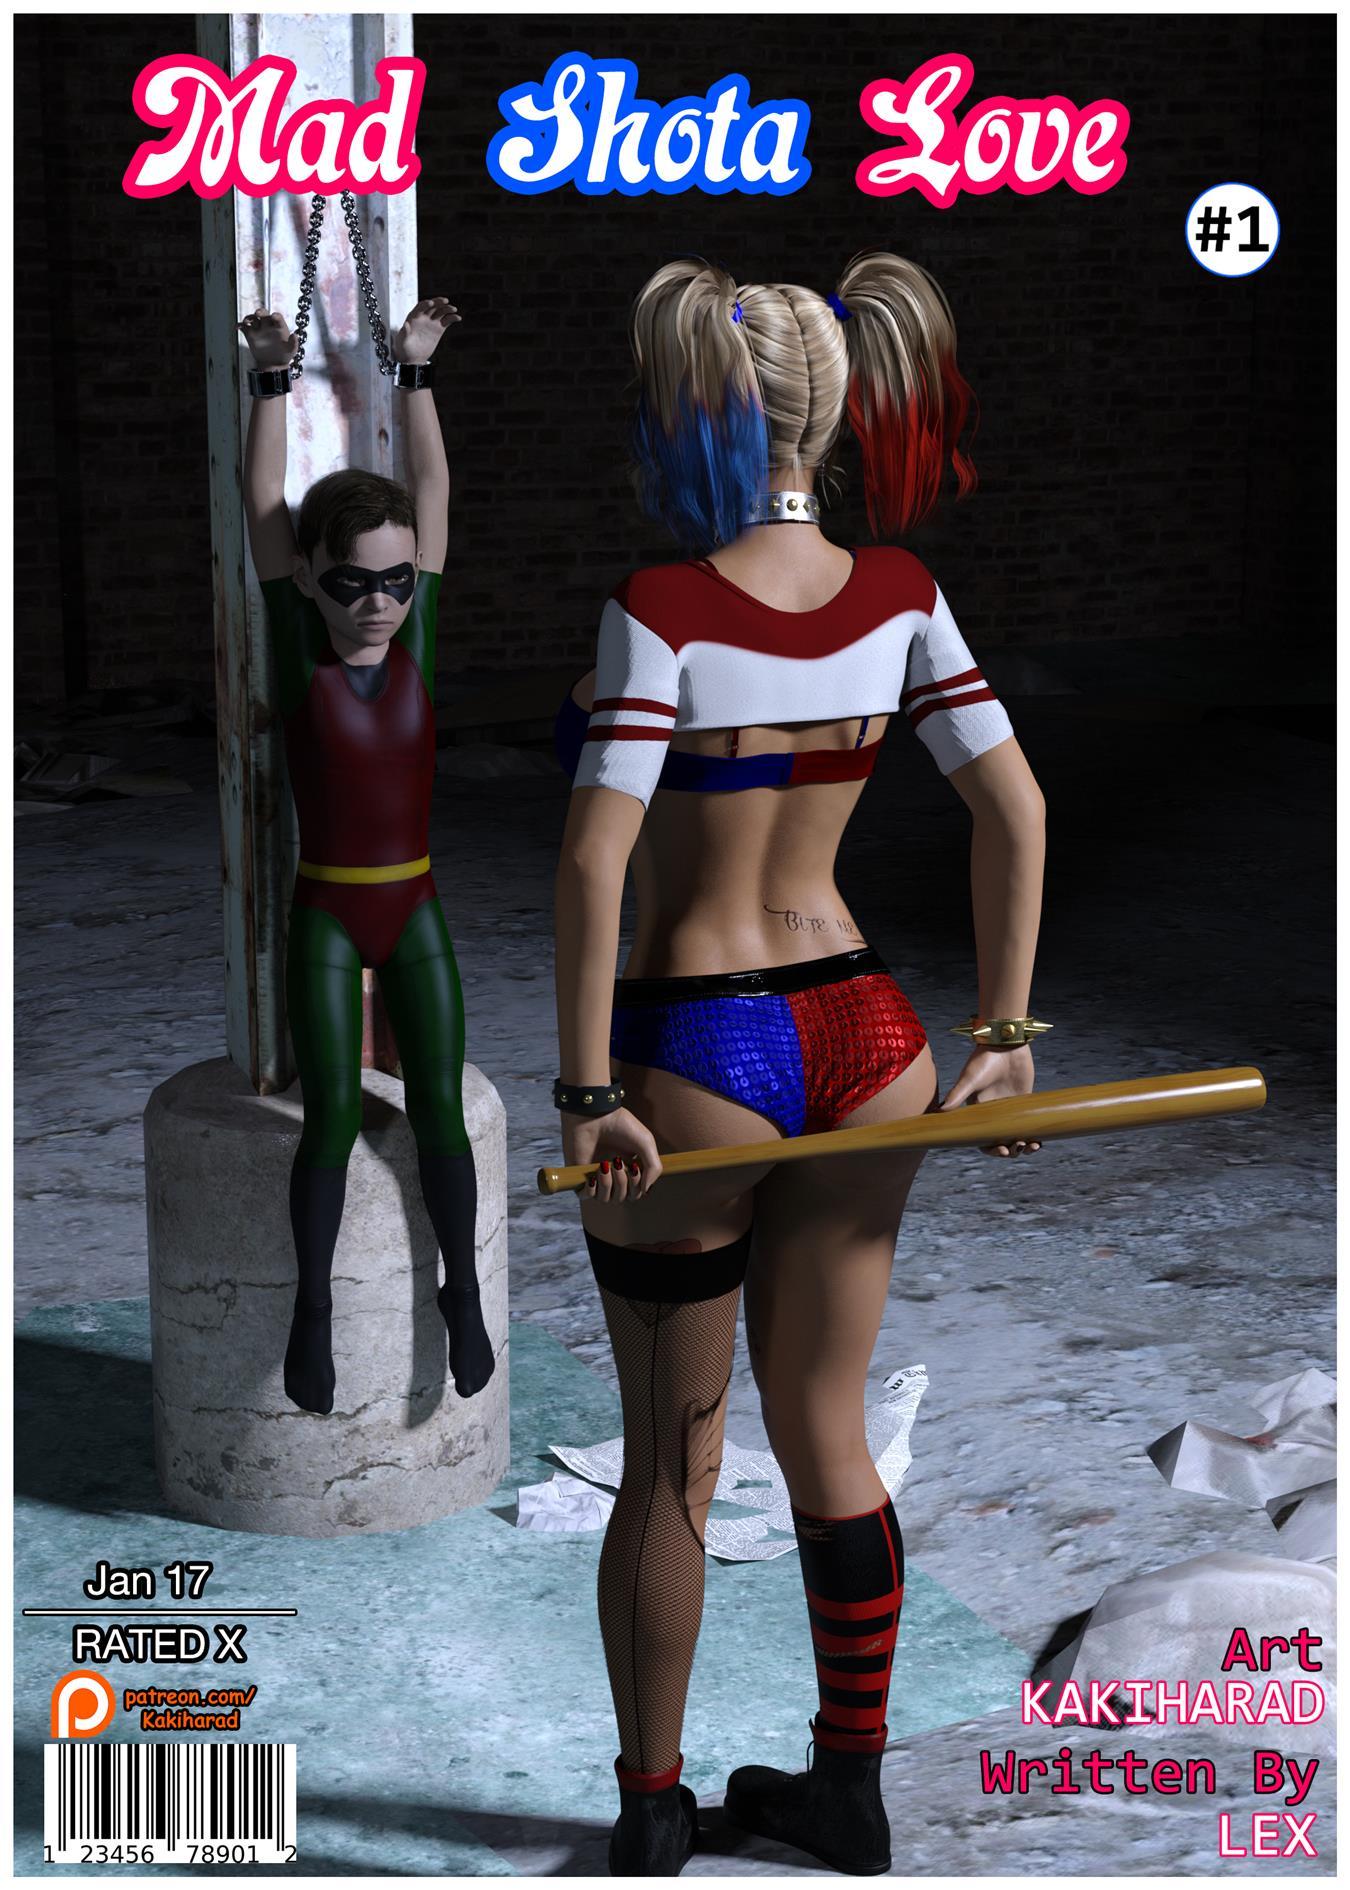 Mad Shota Love (Harley Quinn)